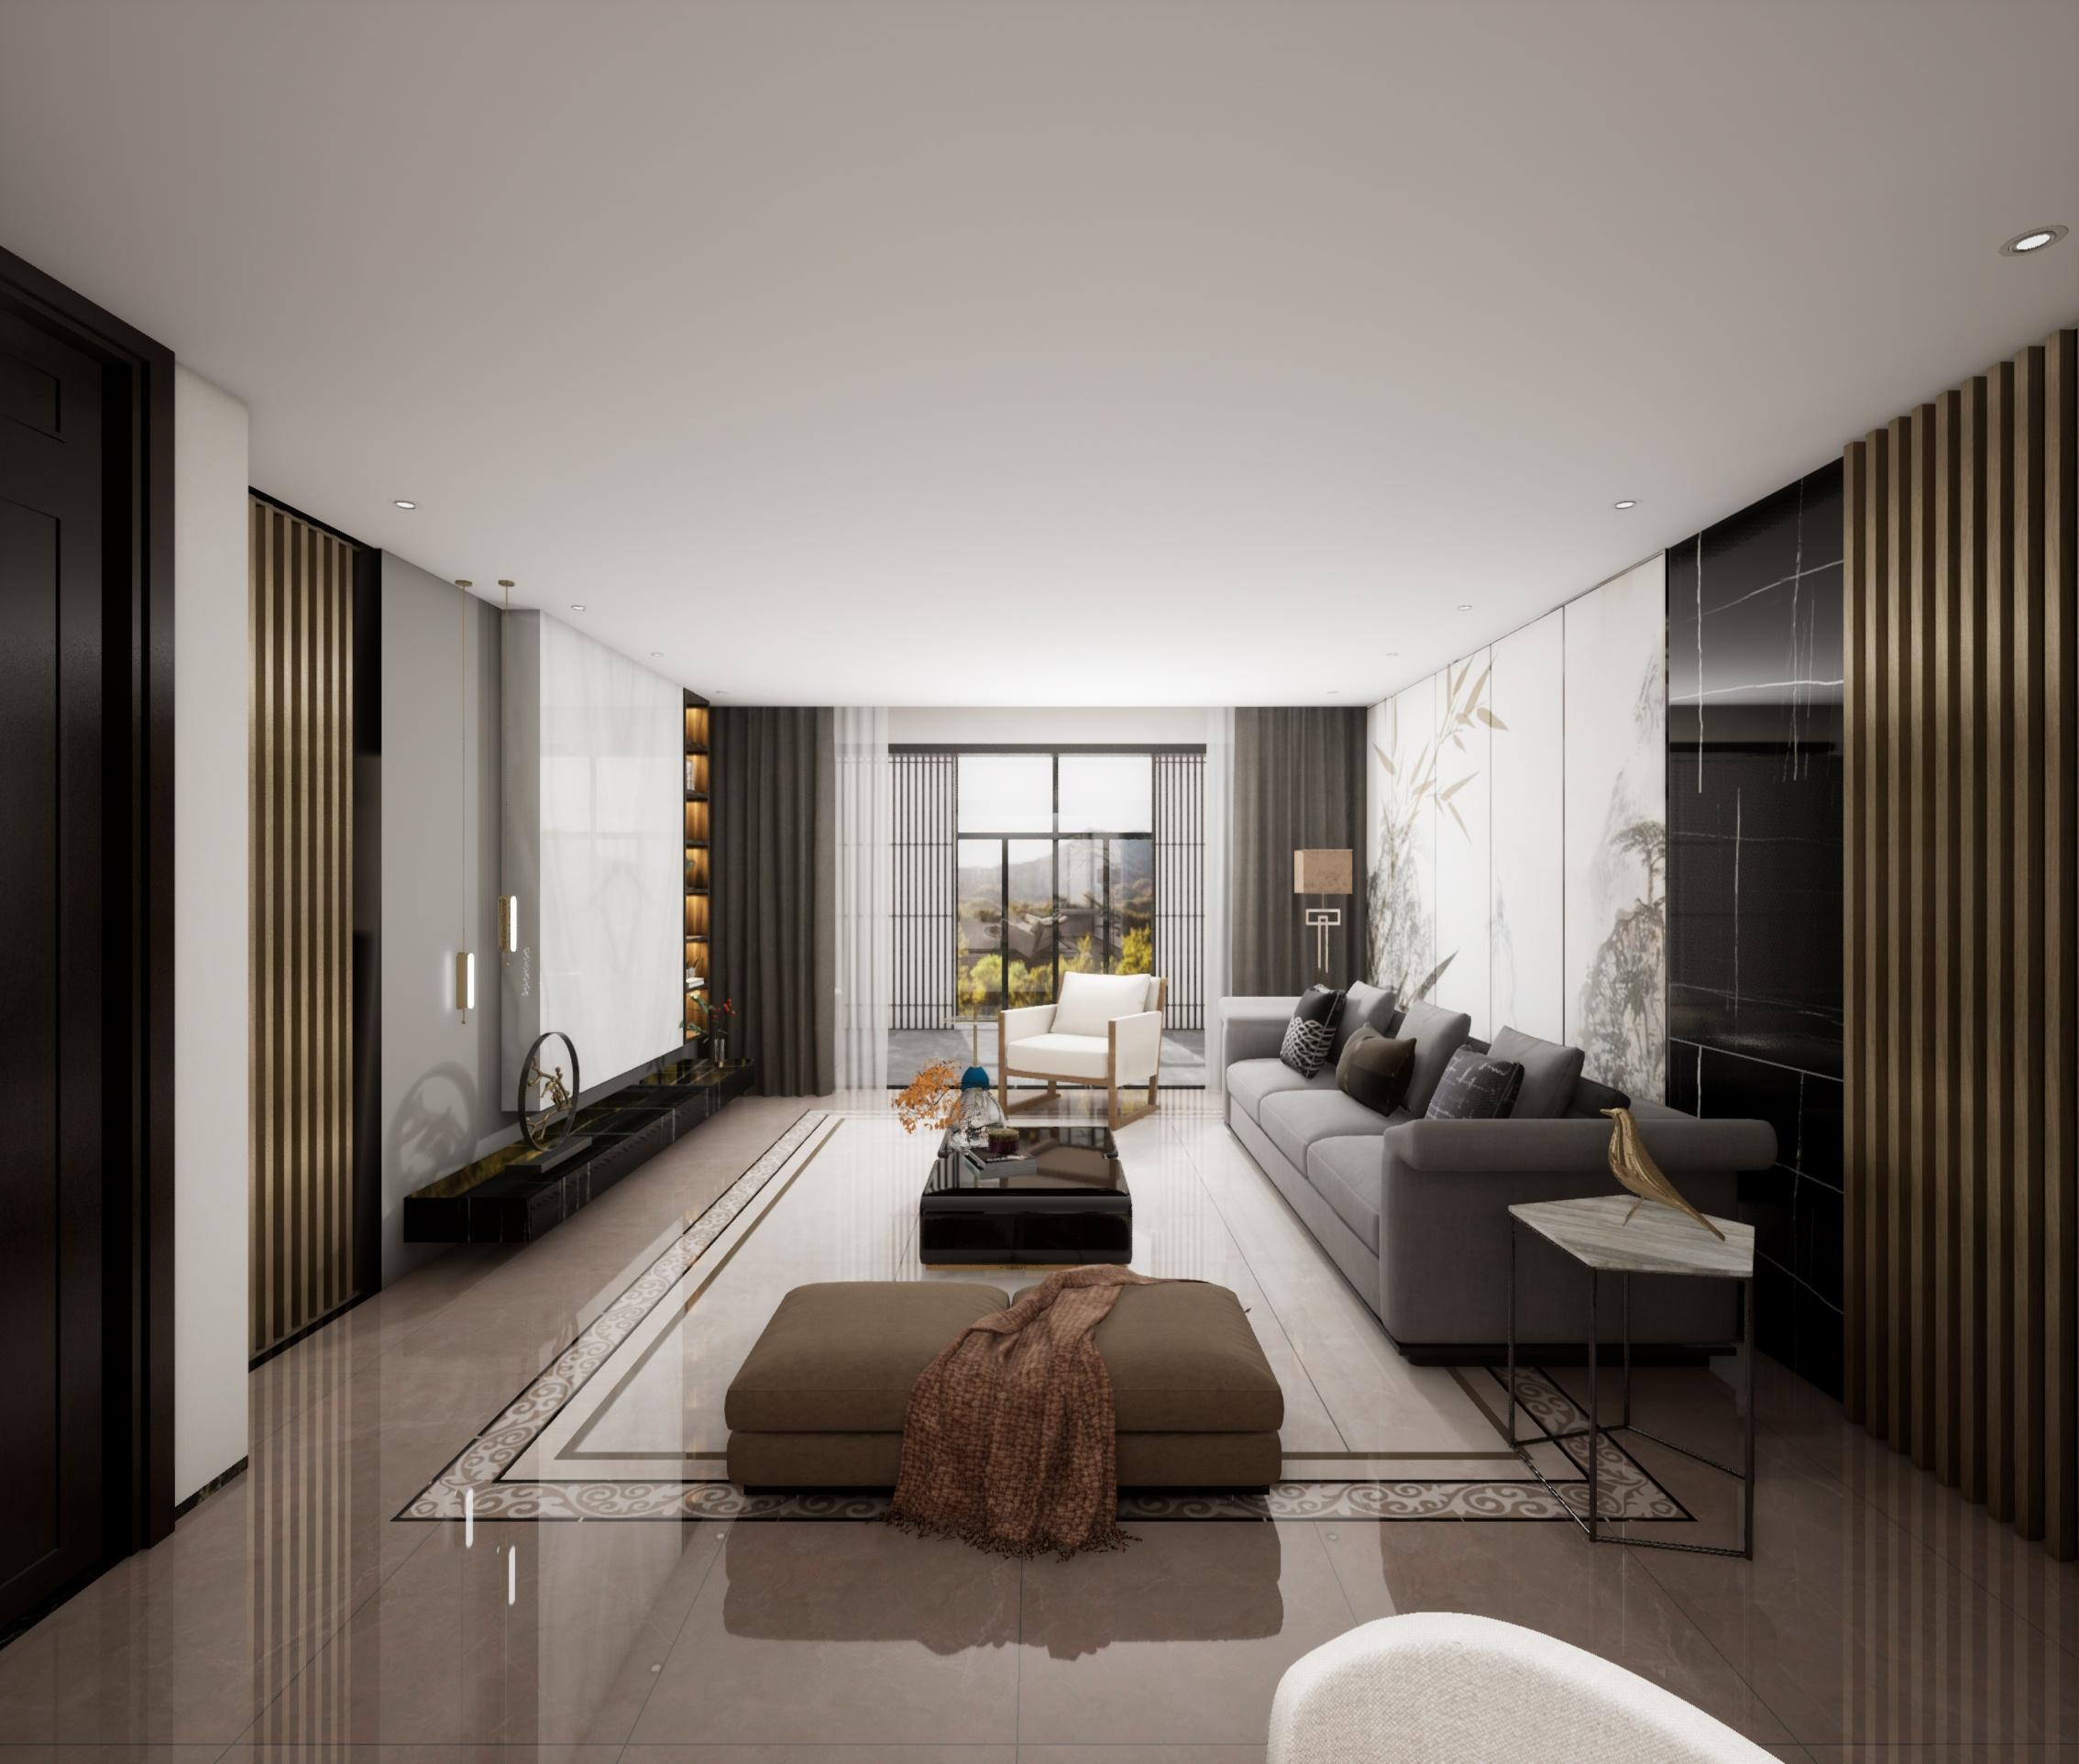 株洲玫瑰园-E户型中式客厅